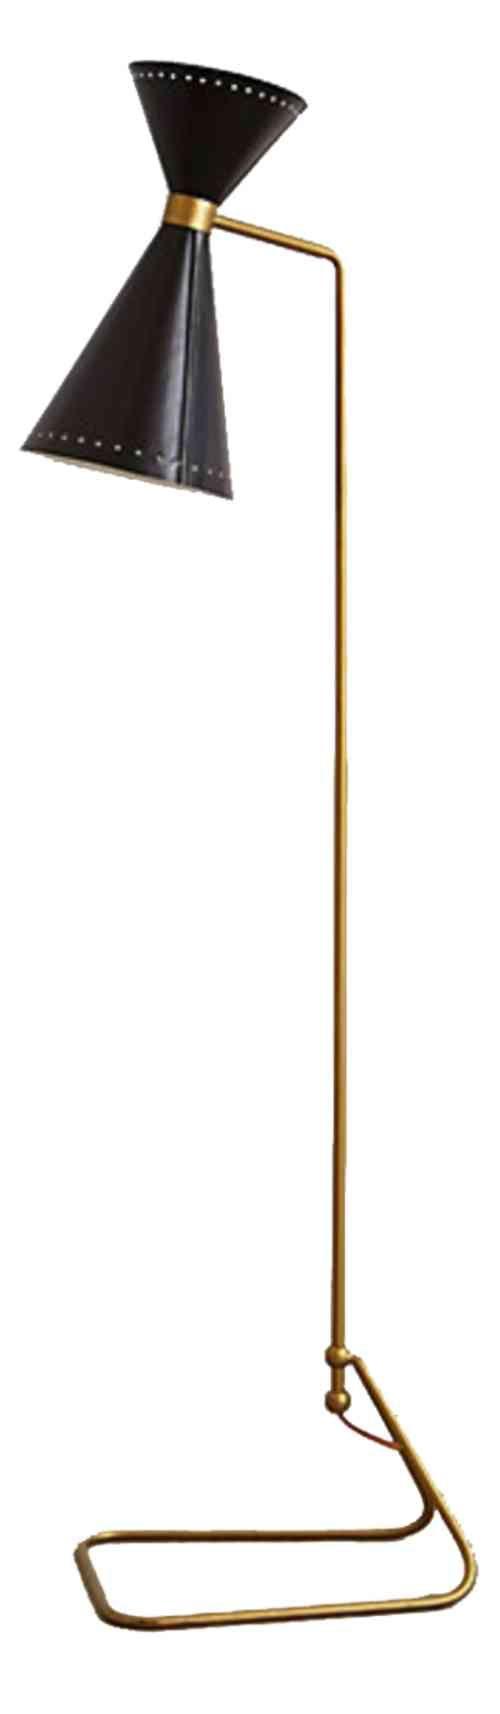 Unique tall floor lamp